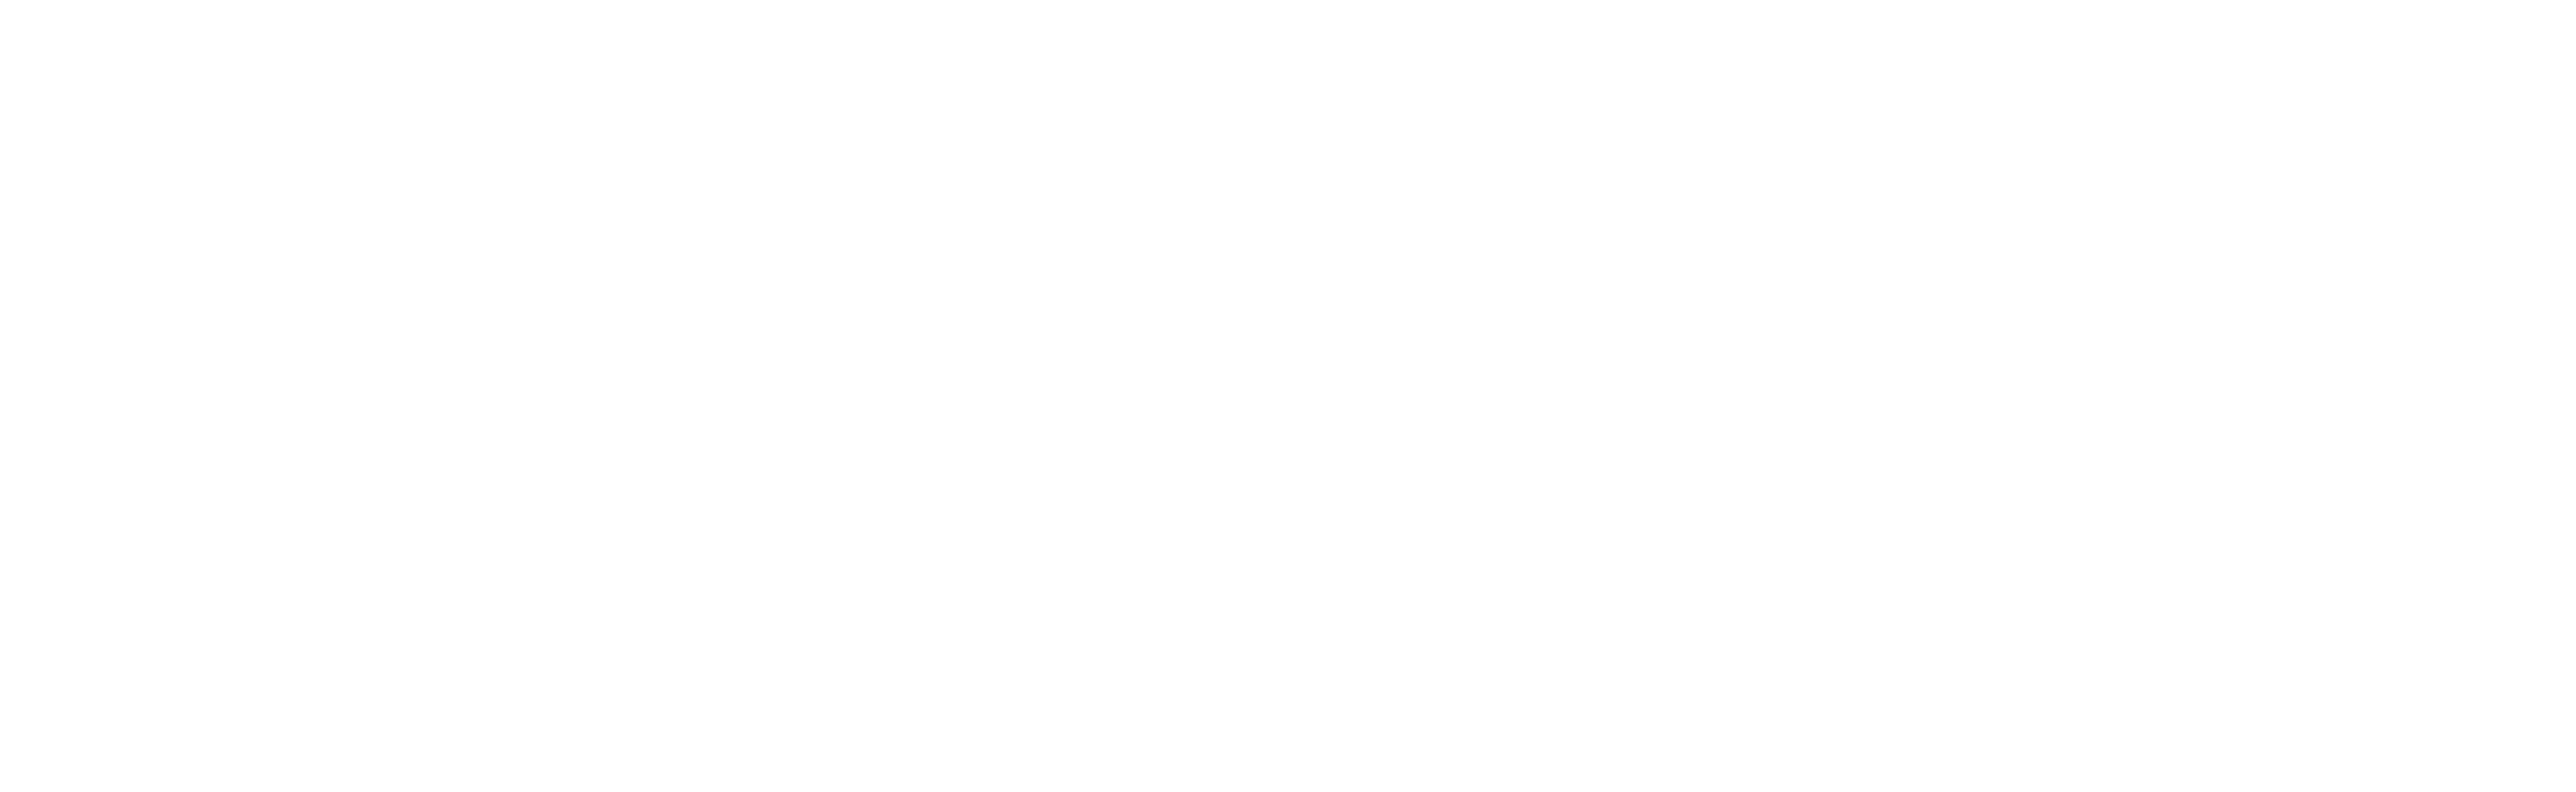 wecollab-white-logo